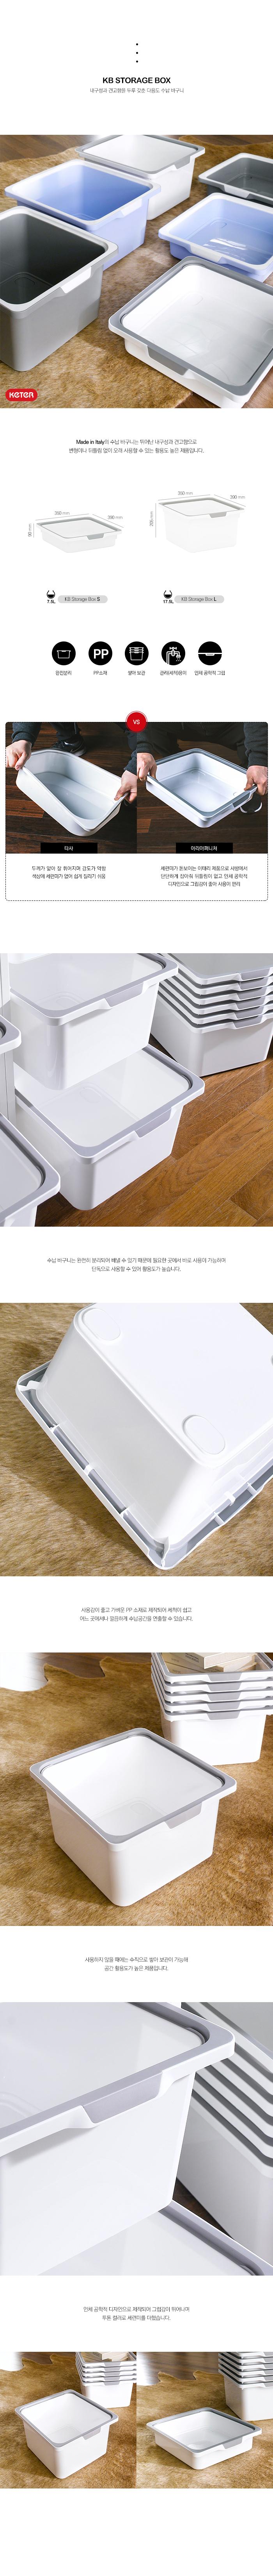 Melody-Storage-Box-Storage-White.jpg